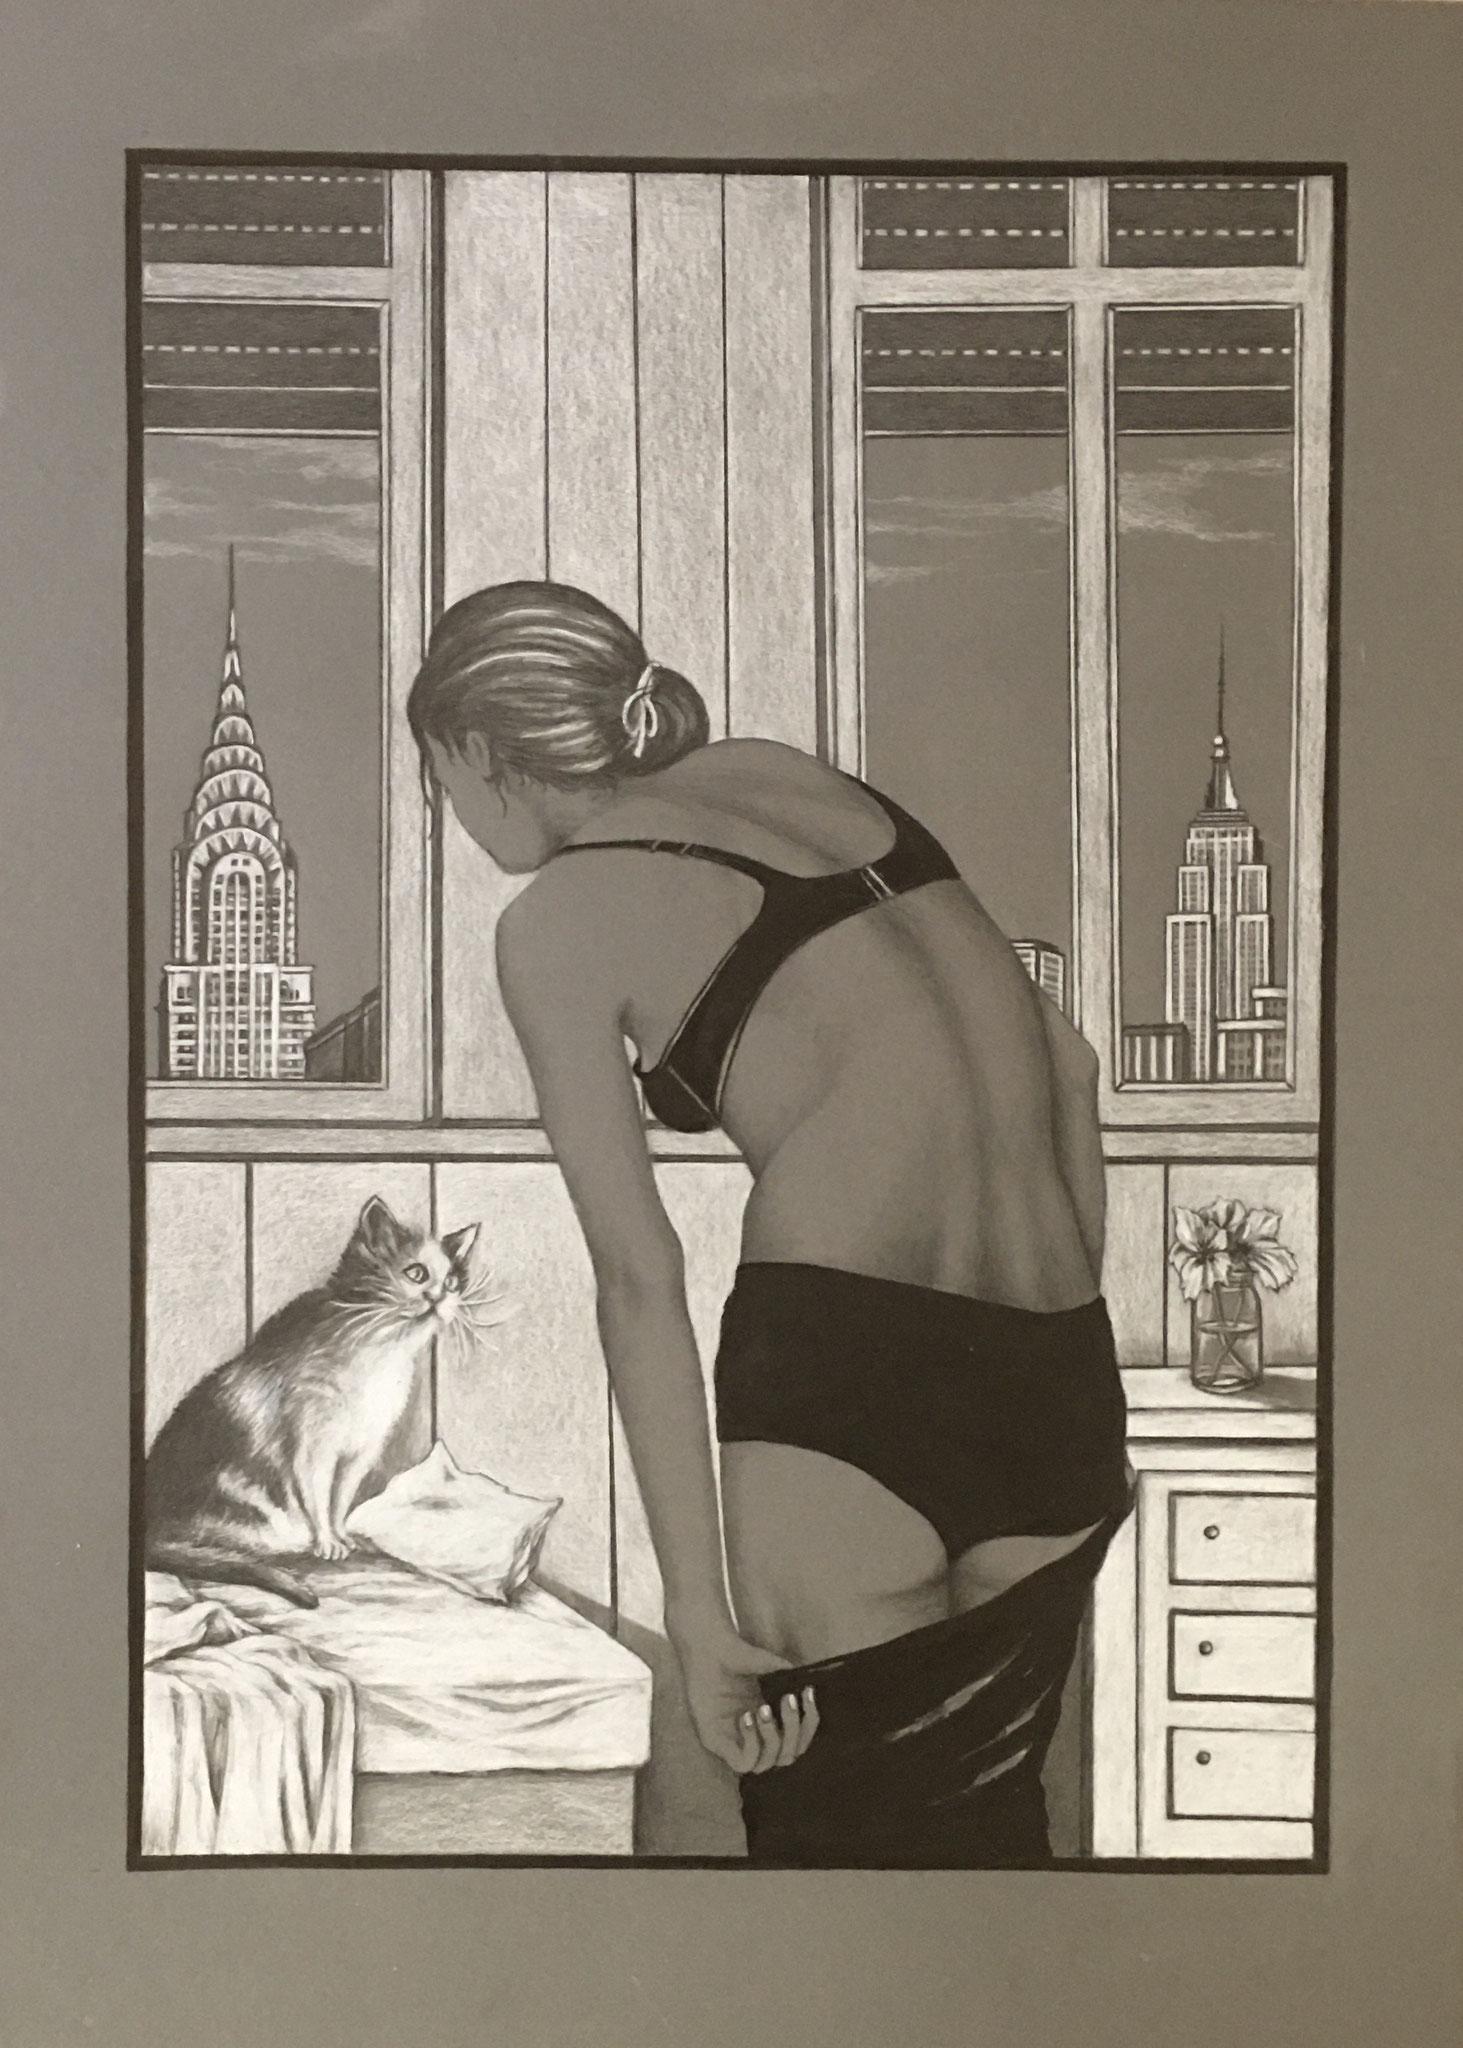 Manhattan Cat, Schwarz-/Weißstift auf grauem Karton, 50 x 70 cm, 2019